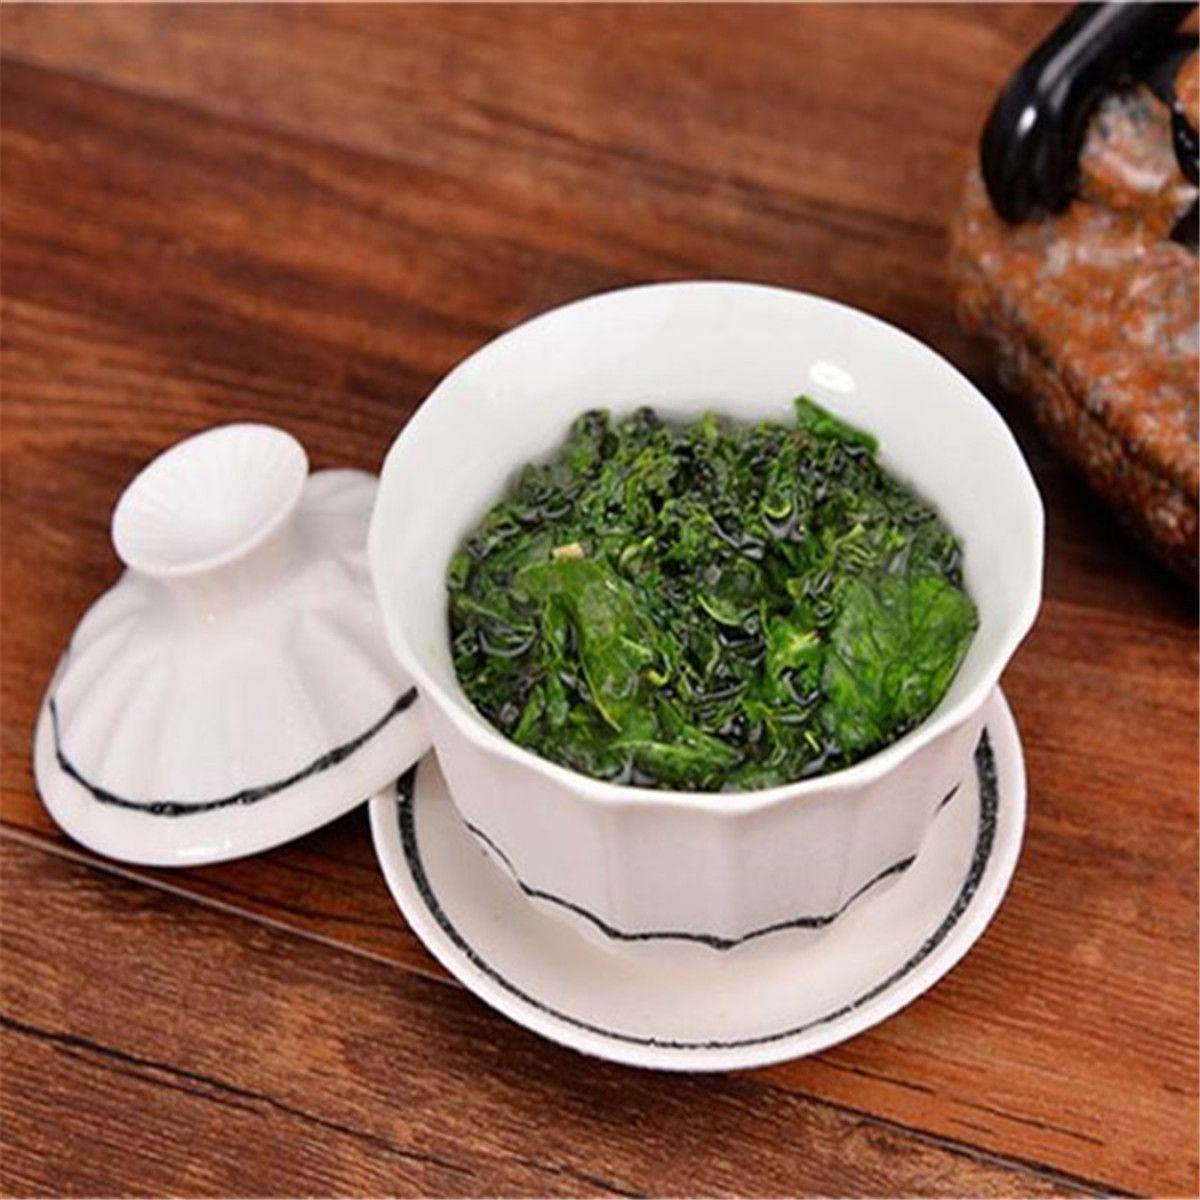 Oolong biologique chinois thé Anxi préférence Tikuanyin supérieure Thé Oolong Paquet cadeau Nouveau printemps Thé sain vert alimentaire